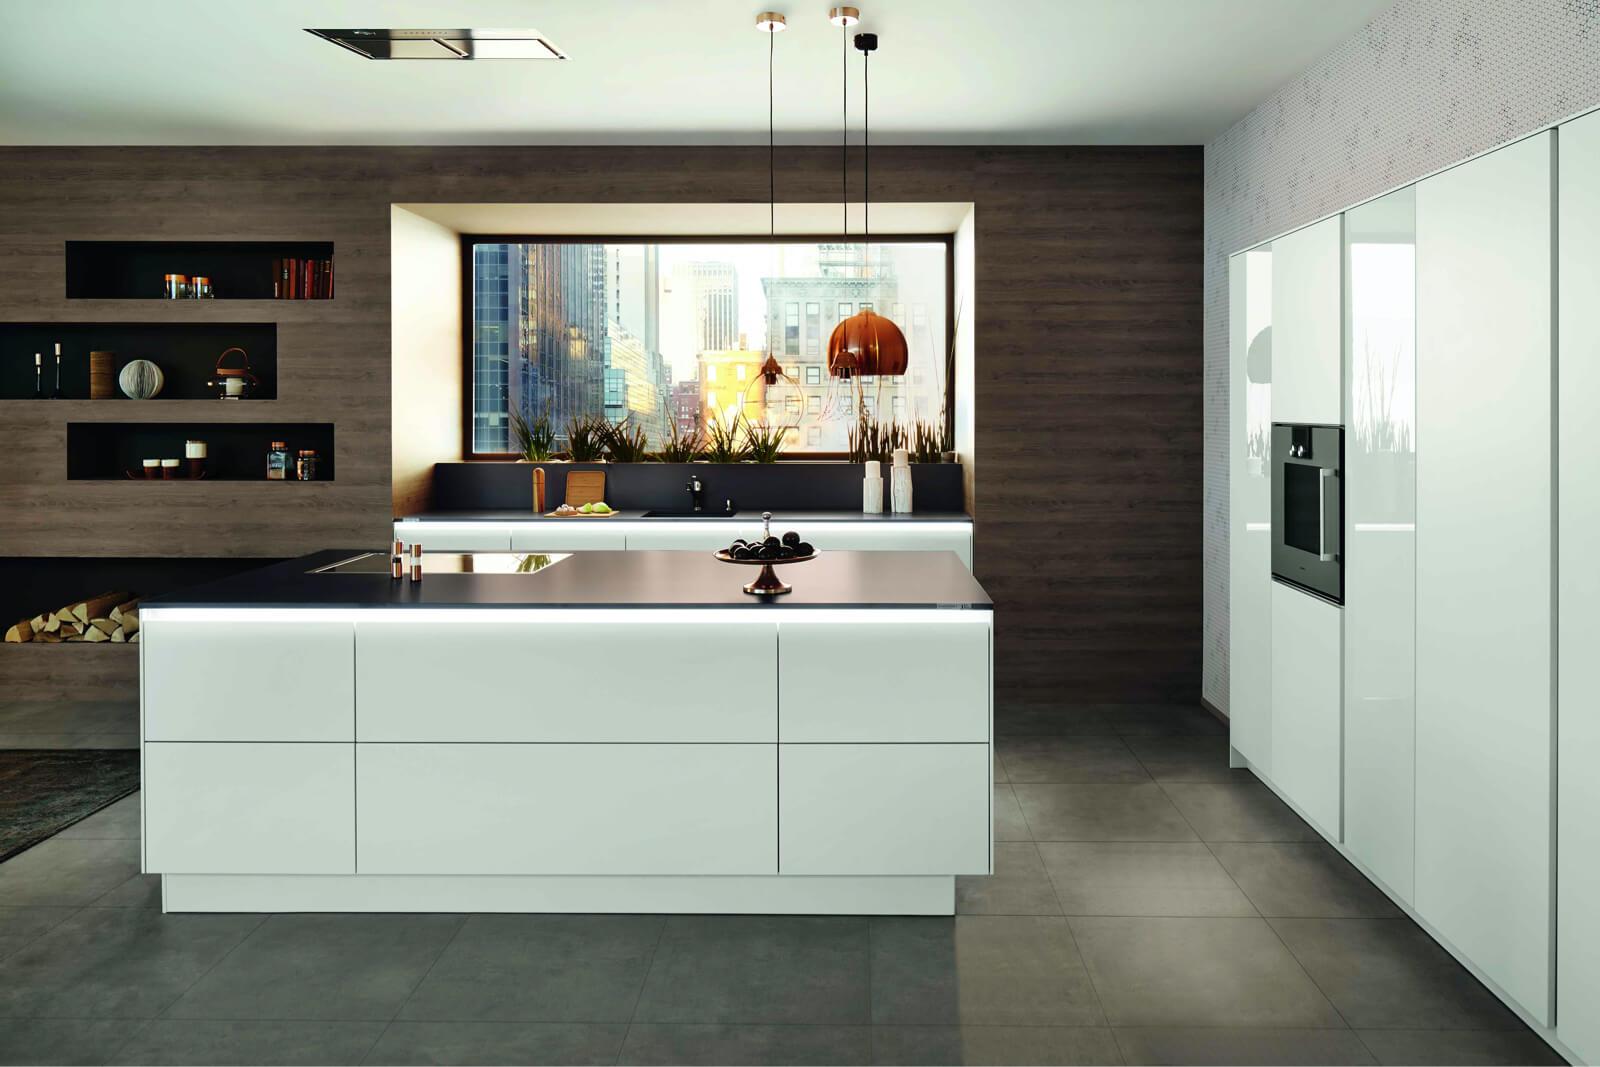 ZEYKO: Zeyko Küchen vergleichen + Zeyko Küche planen mit